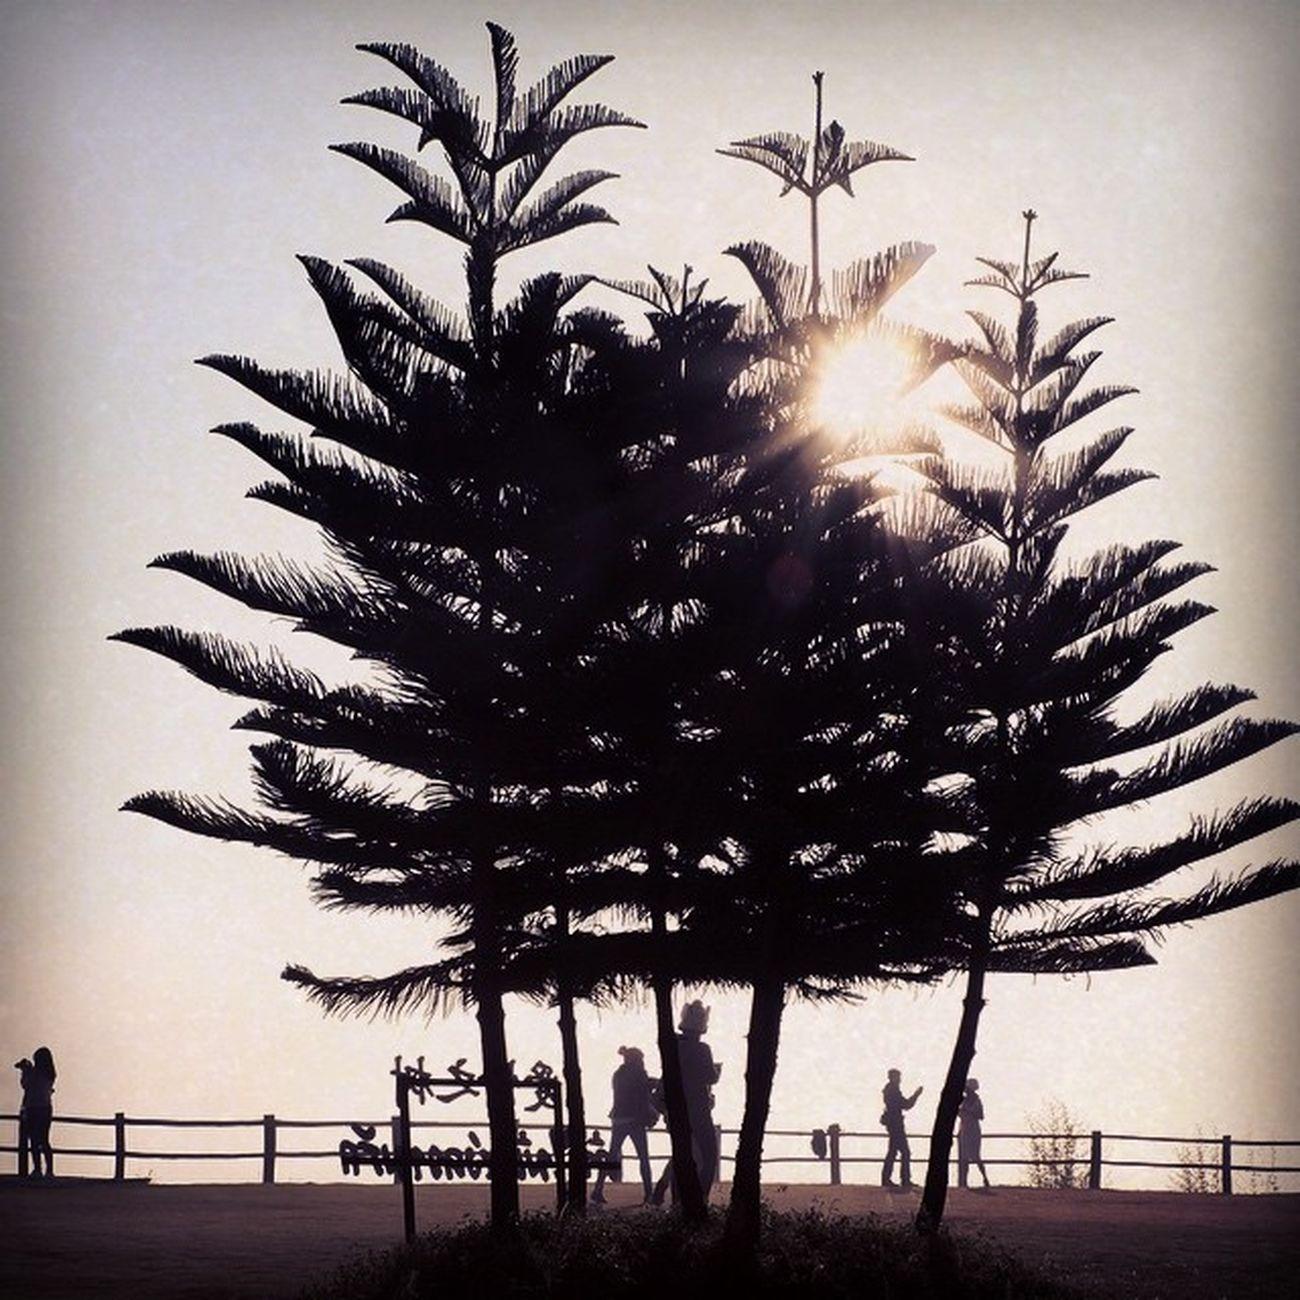 ต้นไม้แห่งความรัก...🌳 ถ้าฉันเจอรักแท้...🌳 ฉันจะพามาแนะนำให้เธอได้รู้จัก...🌳 . . การเดินทางประจำปี . . Saturday 20 December 2014 . . Myx100